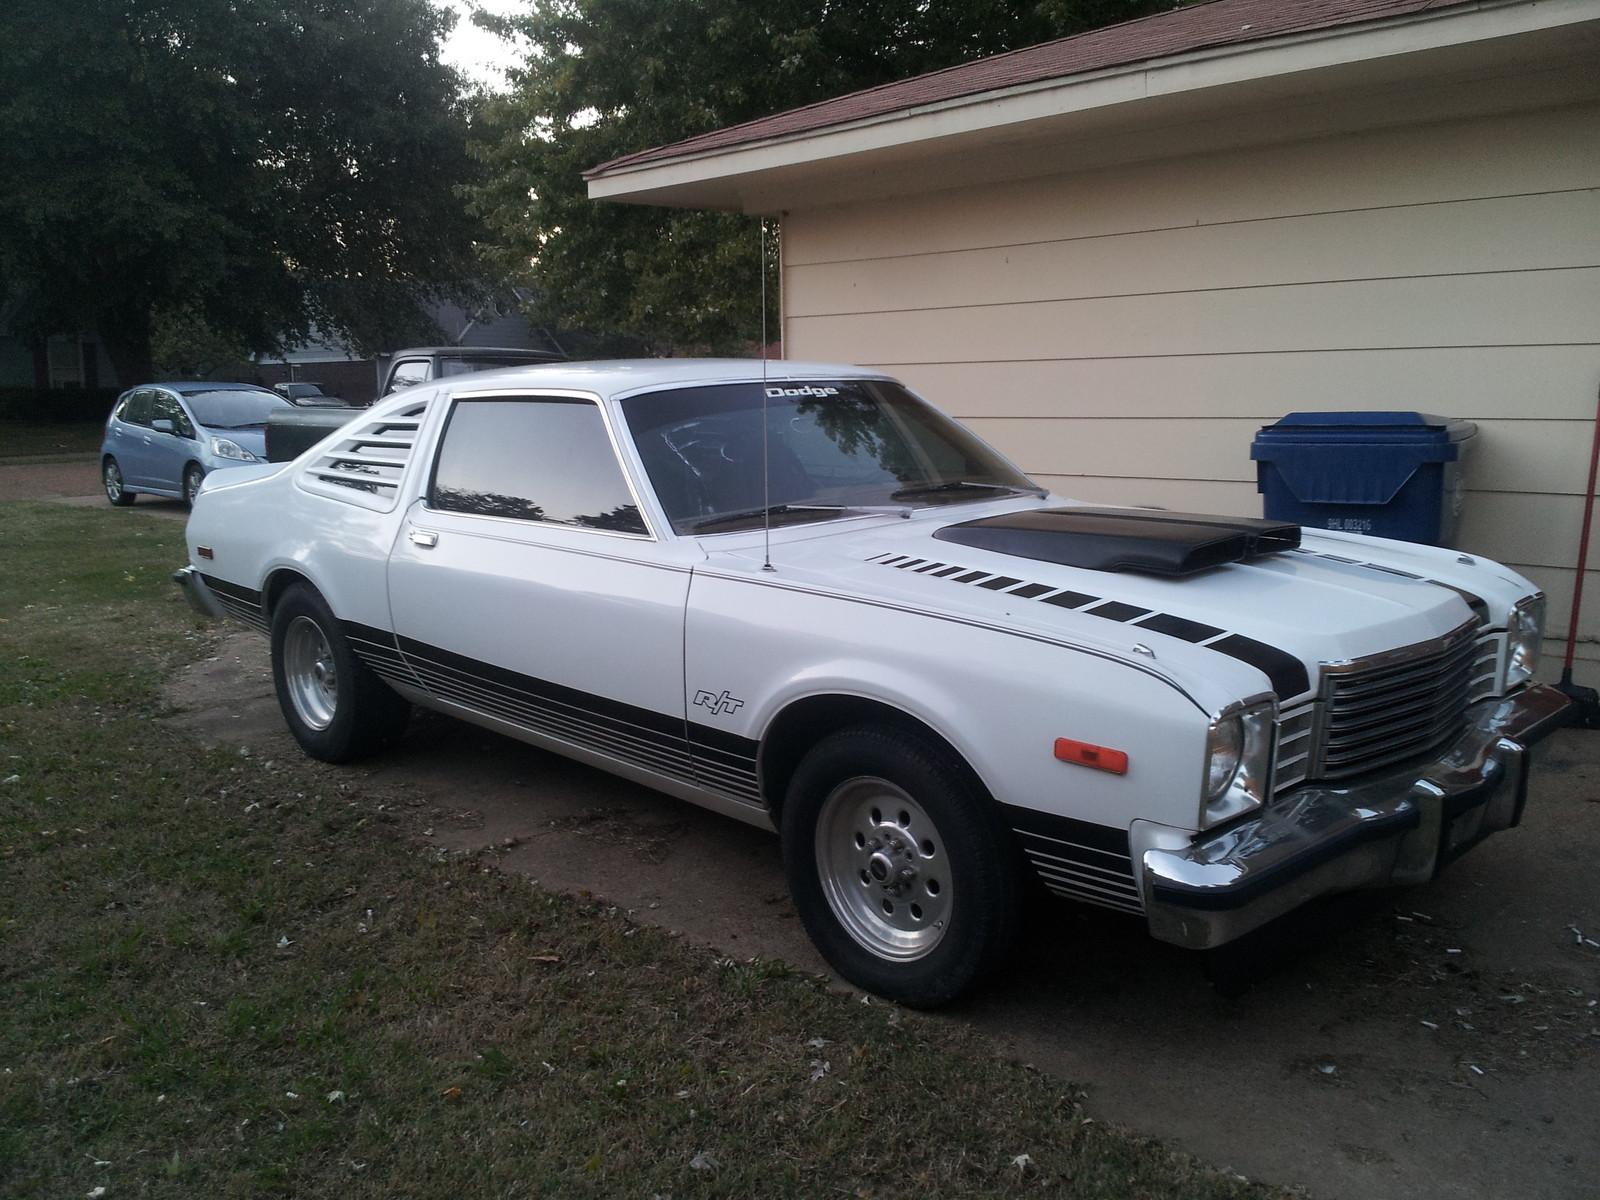 Dodge Performance Parts >> 1978 Dodge Aspen 1/4 mile trap speeds 0-60 - DragTimes.com